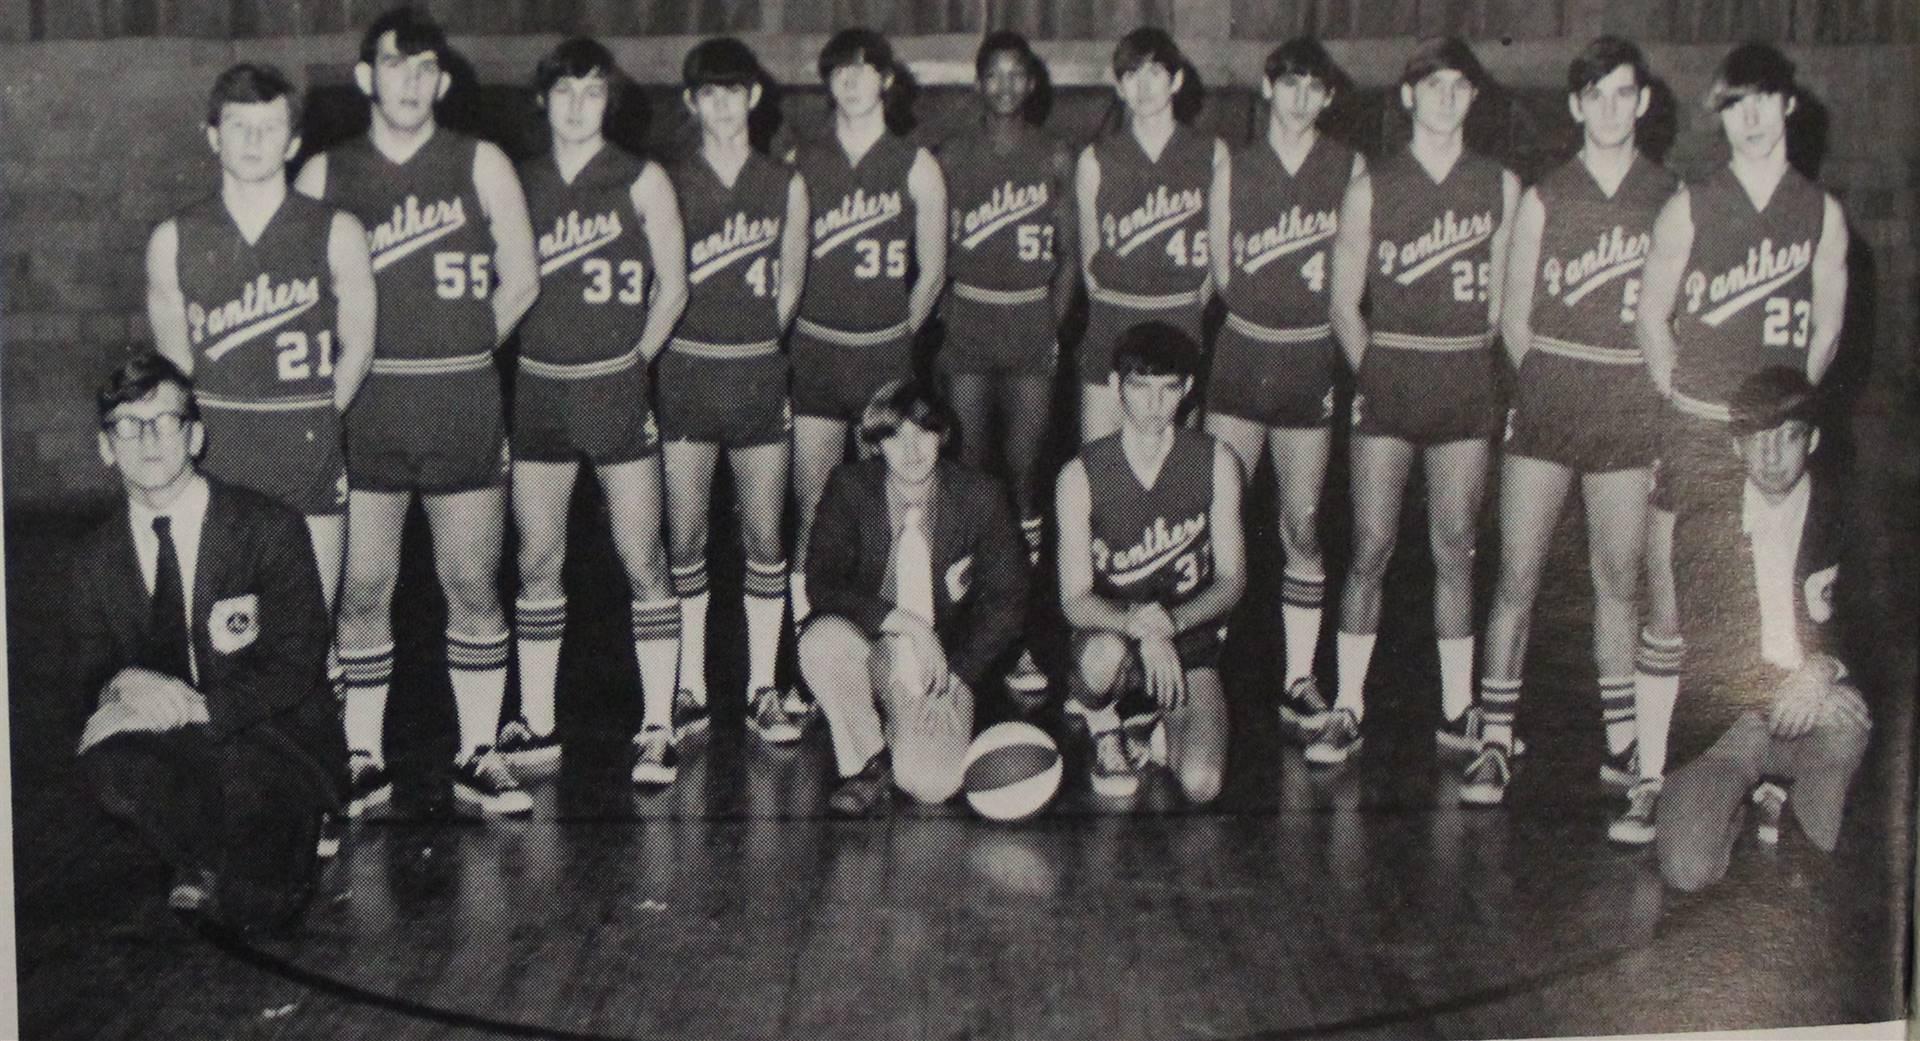 1973 Varsity Basketball